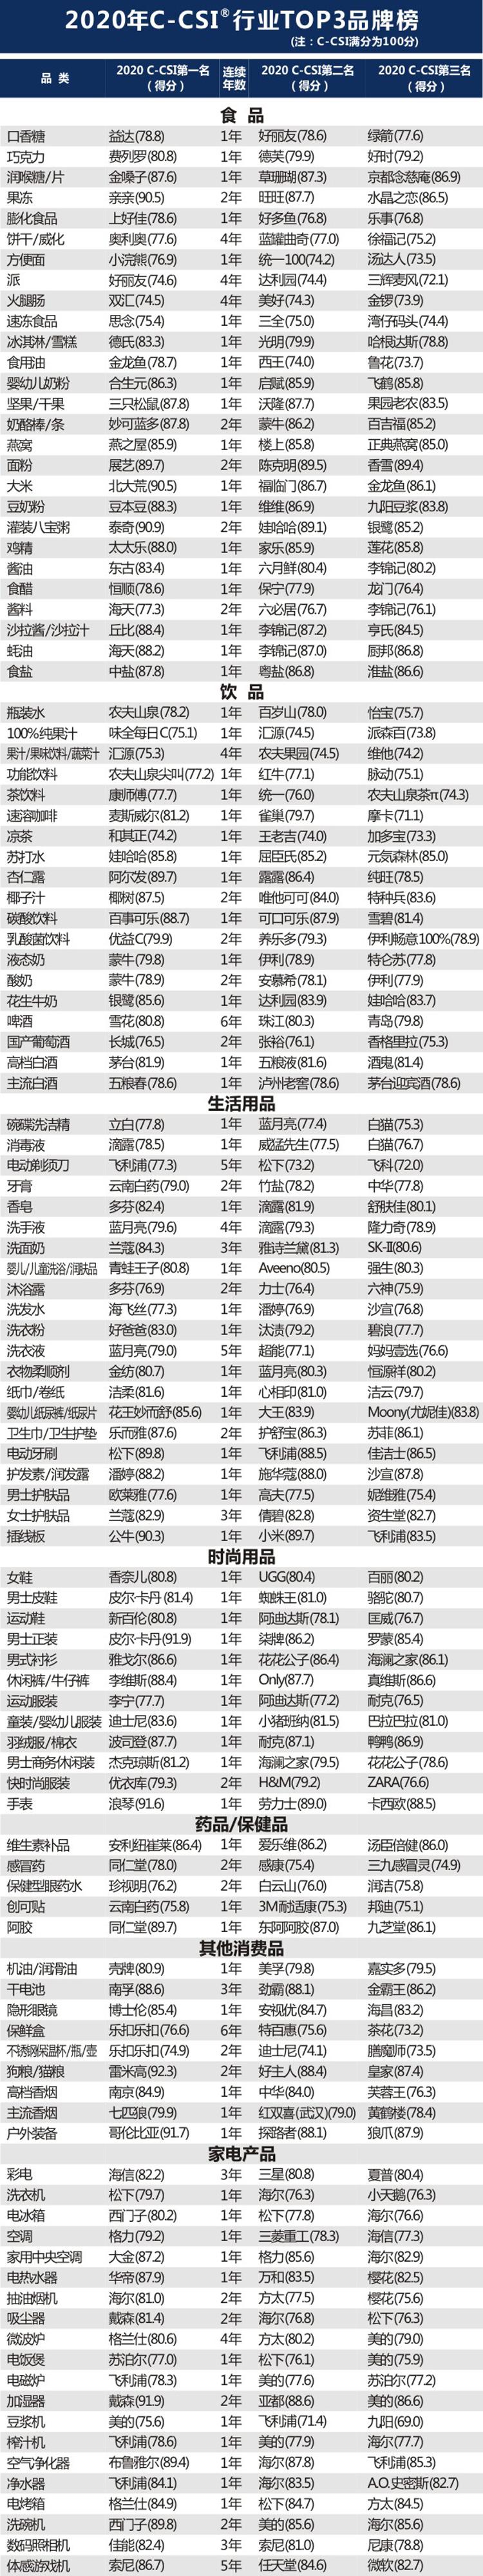 2020年中国顾客满意度指数C-CSI研究成果权威发布